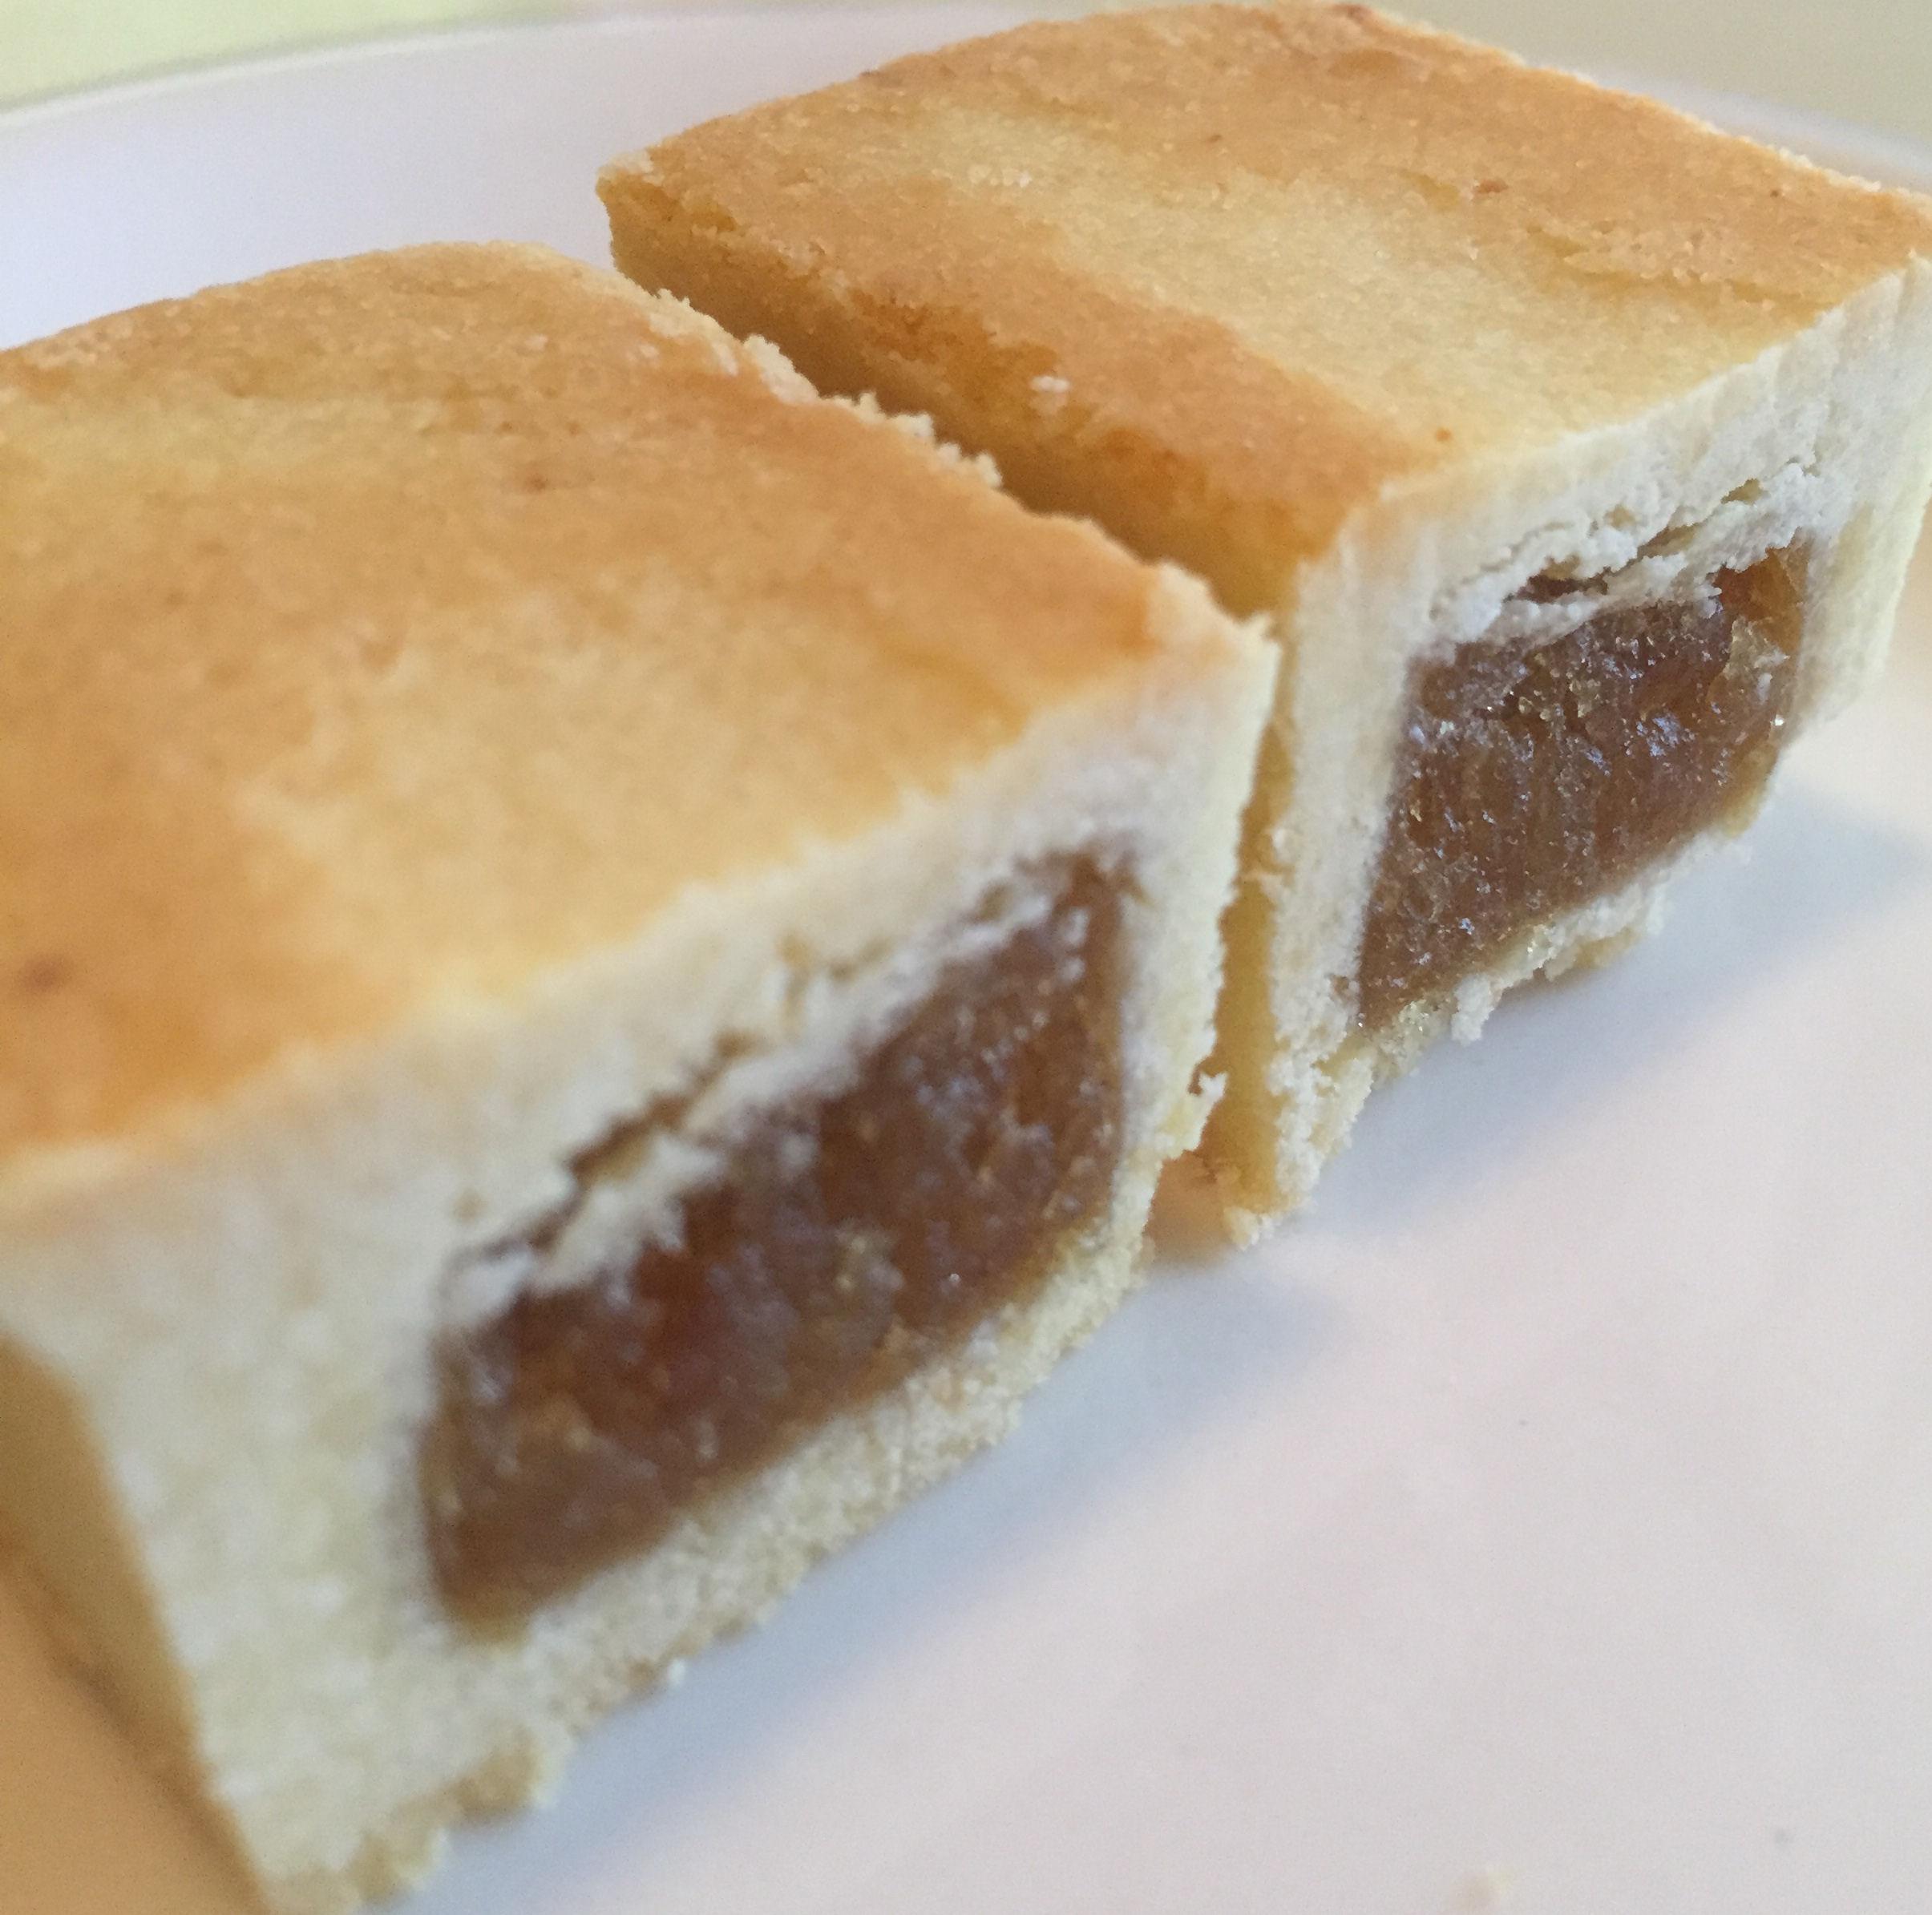 オークラプレステージ台北の「パイナップルケーキ」♪&美味しい甘酒♪_f0054260_18492126.jpg